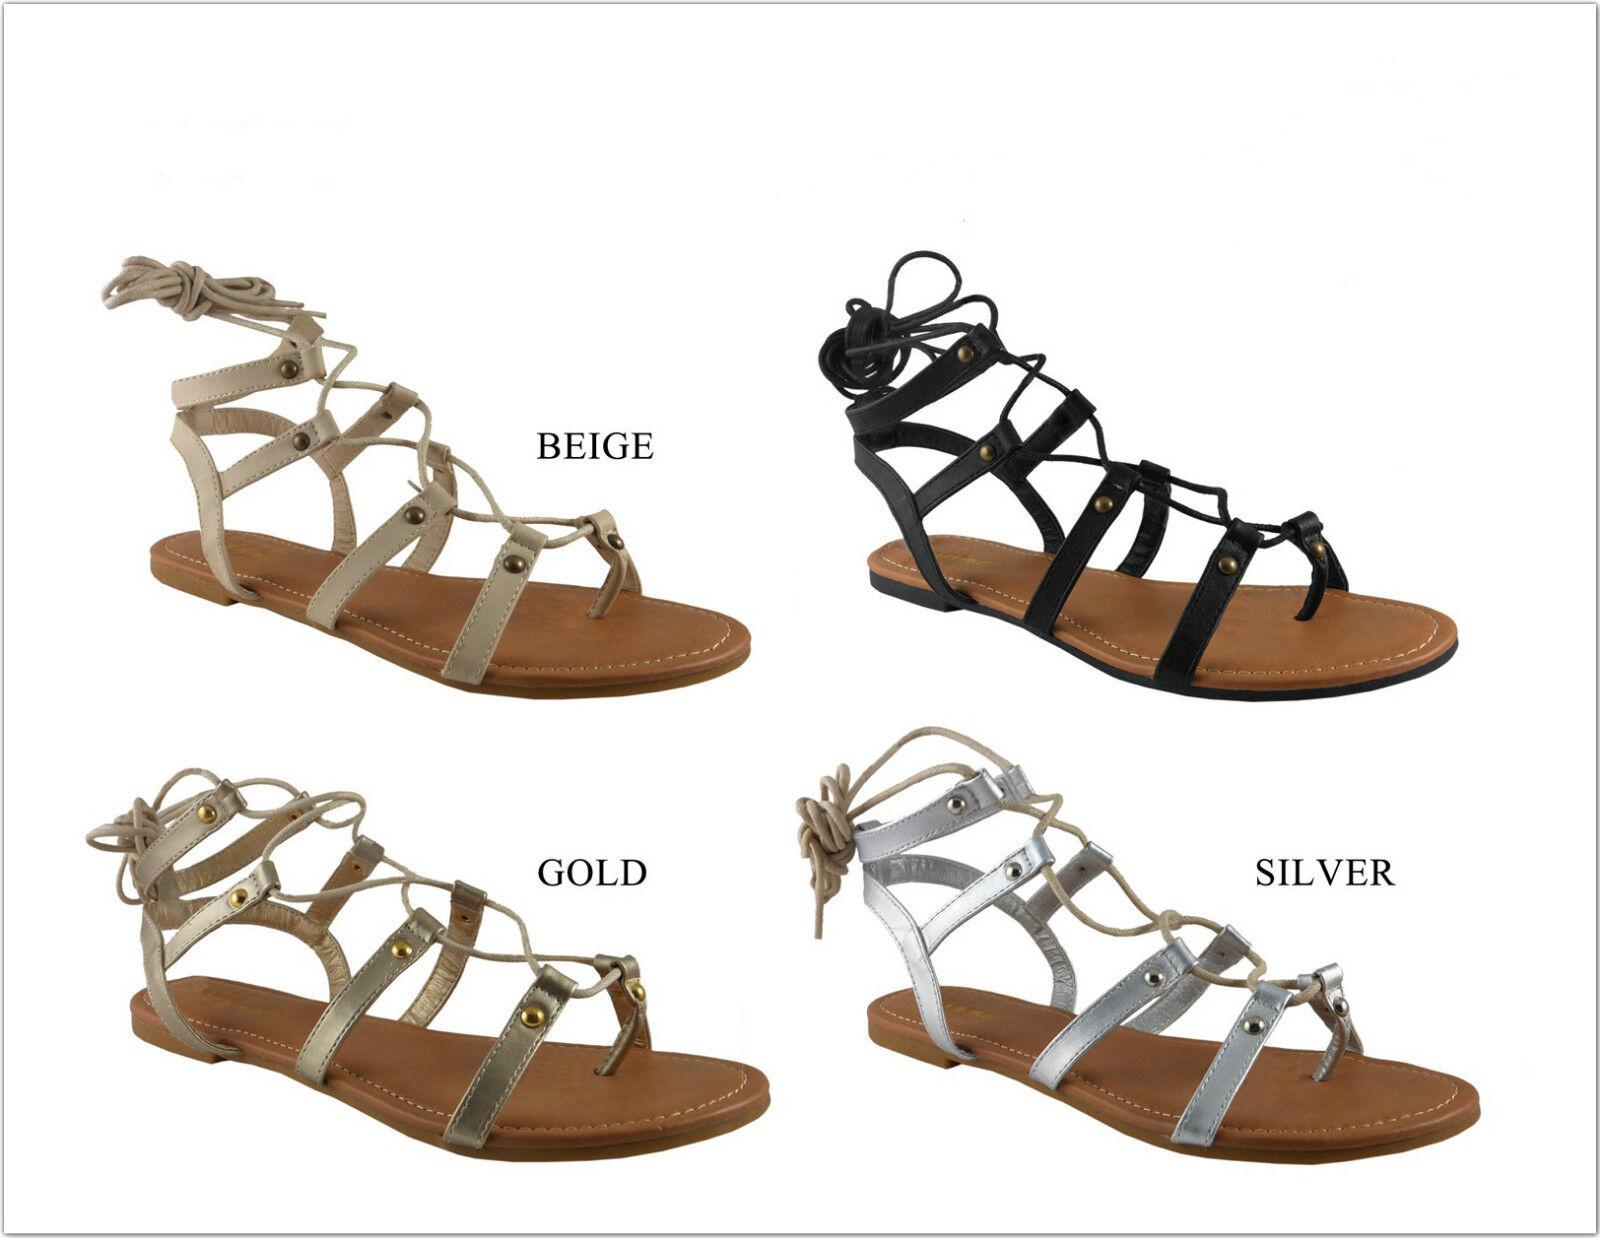 Brand Straps New Women's Fashion String Straps Brand Sandal Shoes Size 6 - 10 1f5fb0